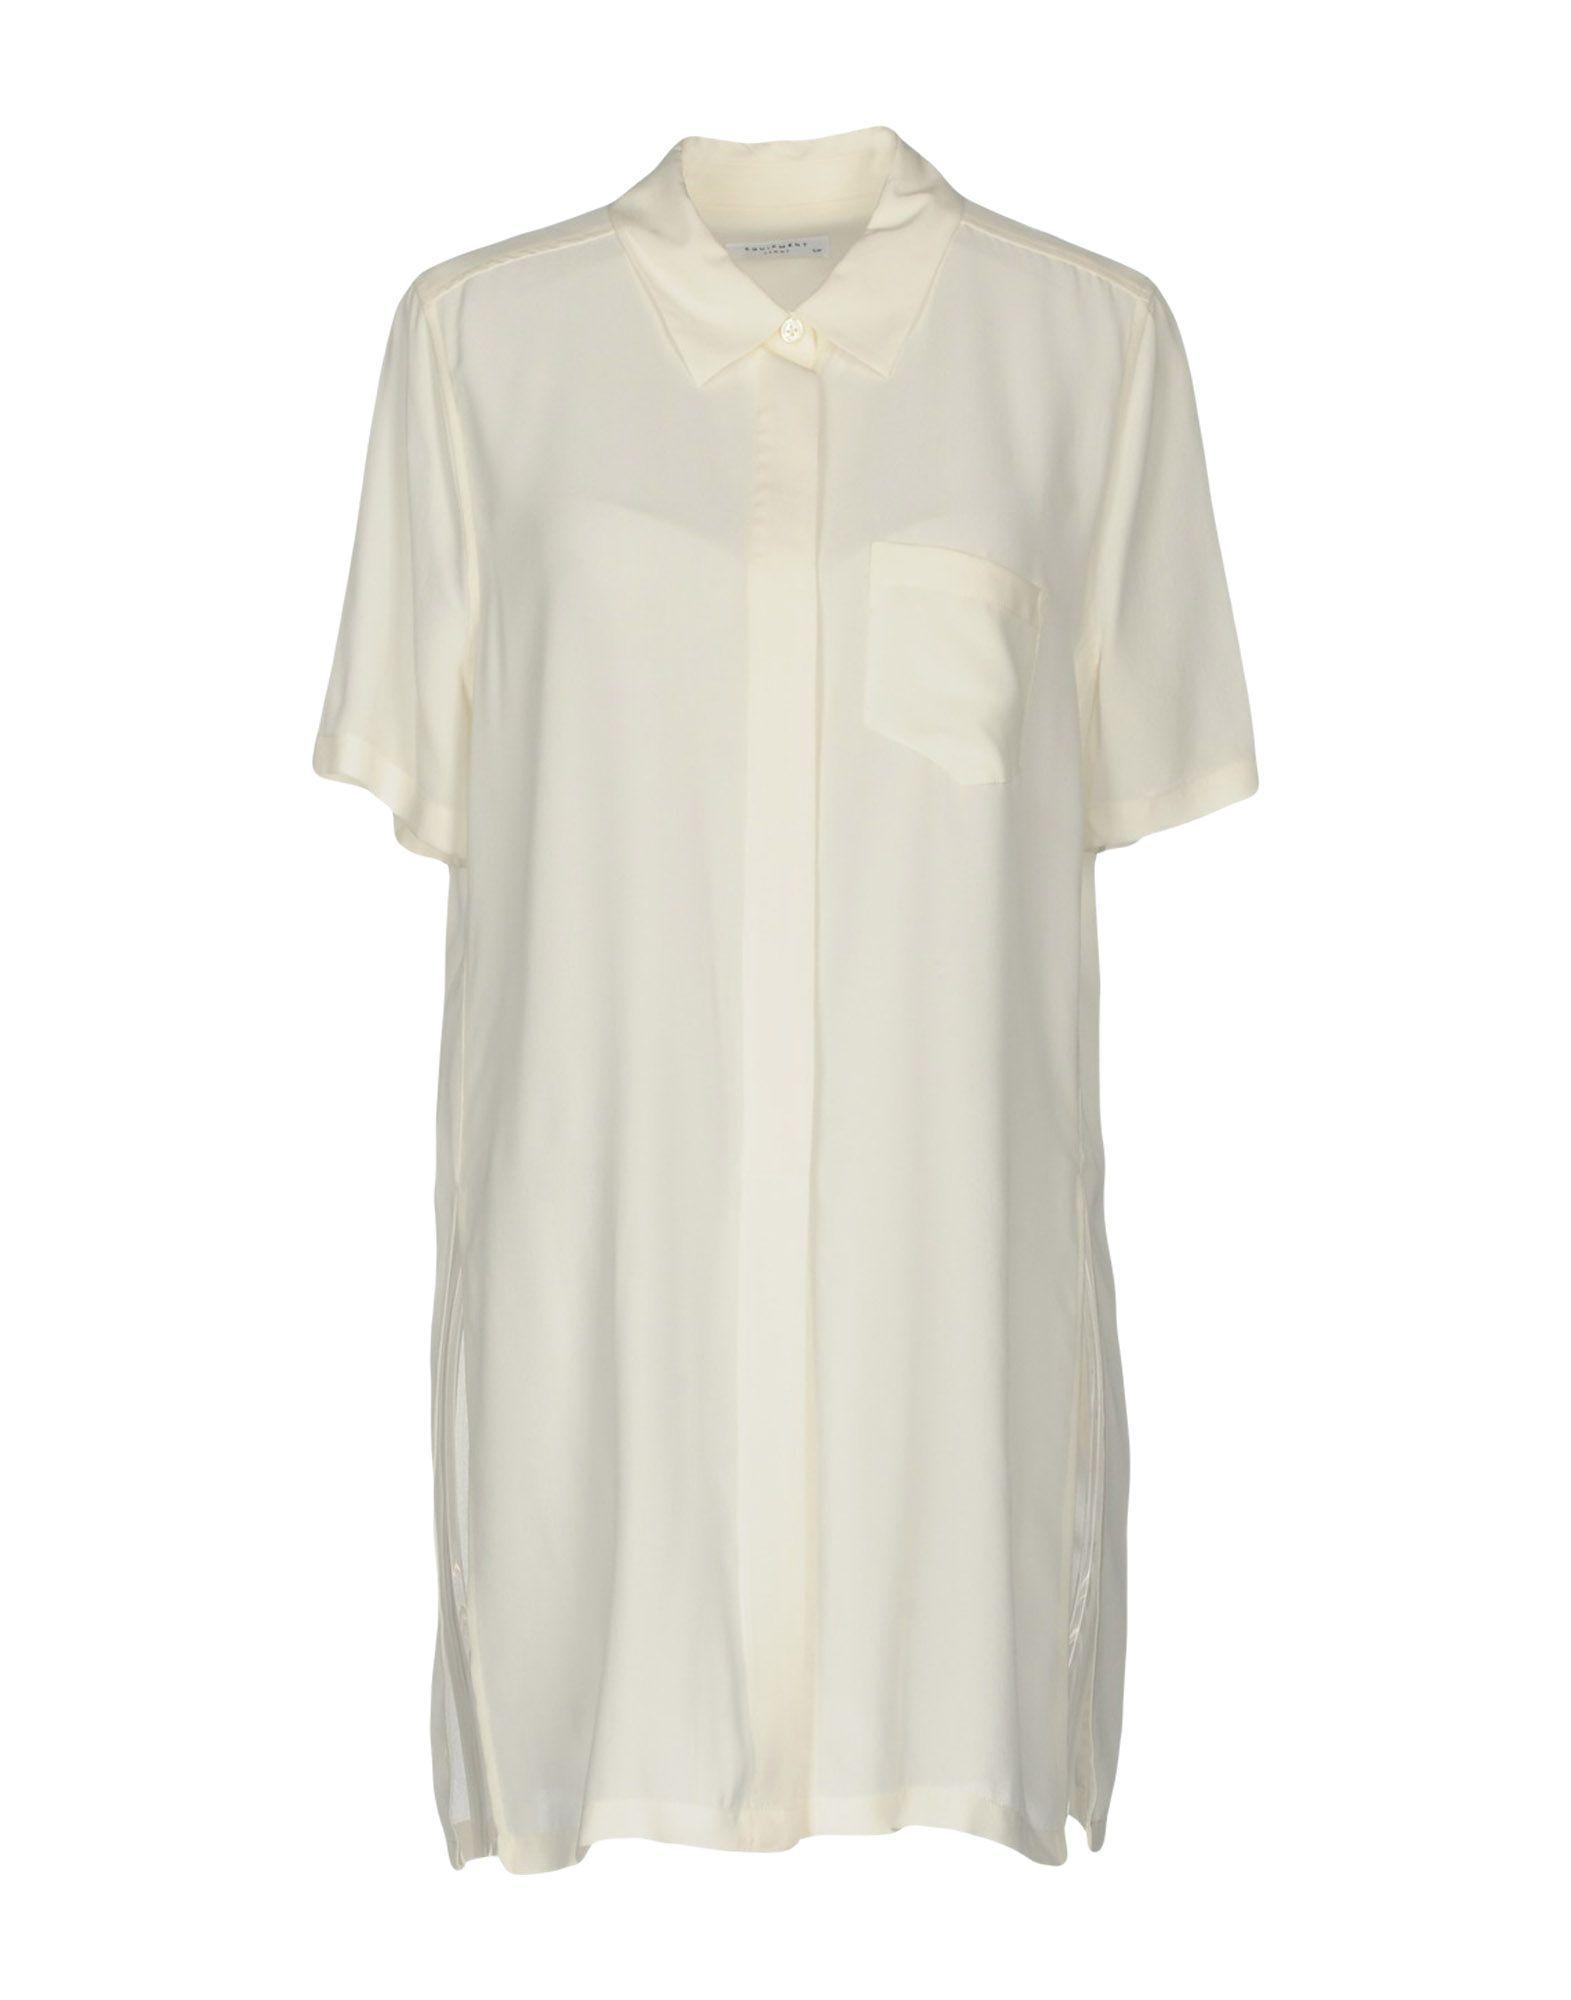 Equipment Ivory Silk Shirt